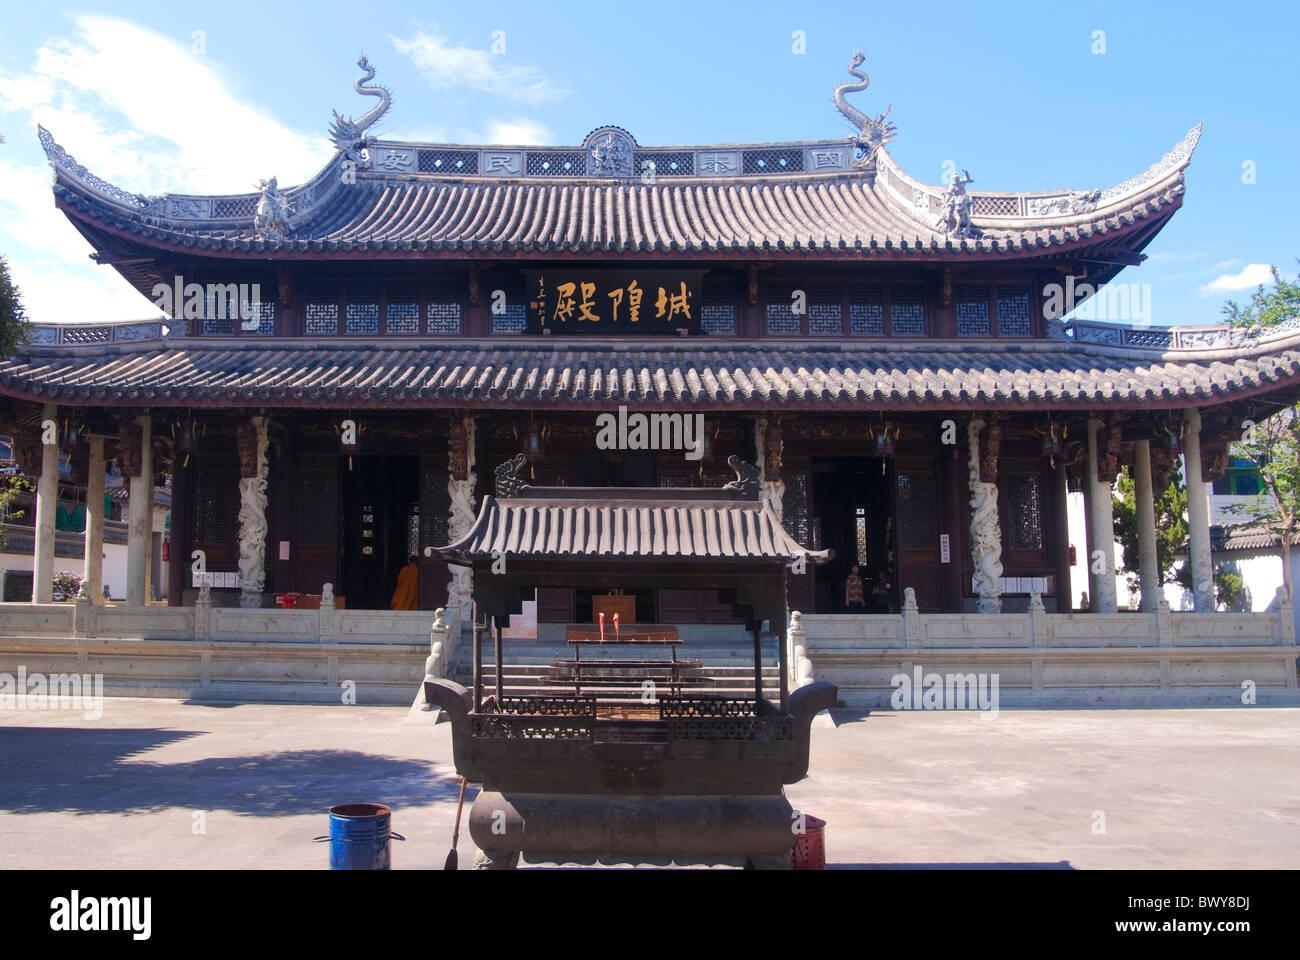 Shengzhou zhejiang china